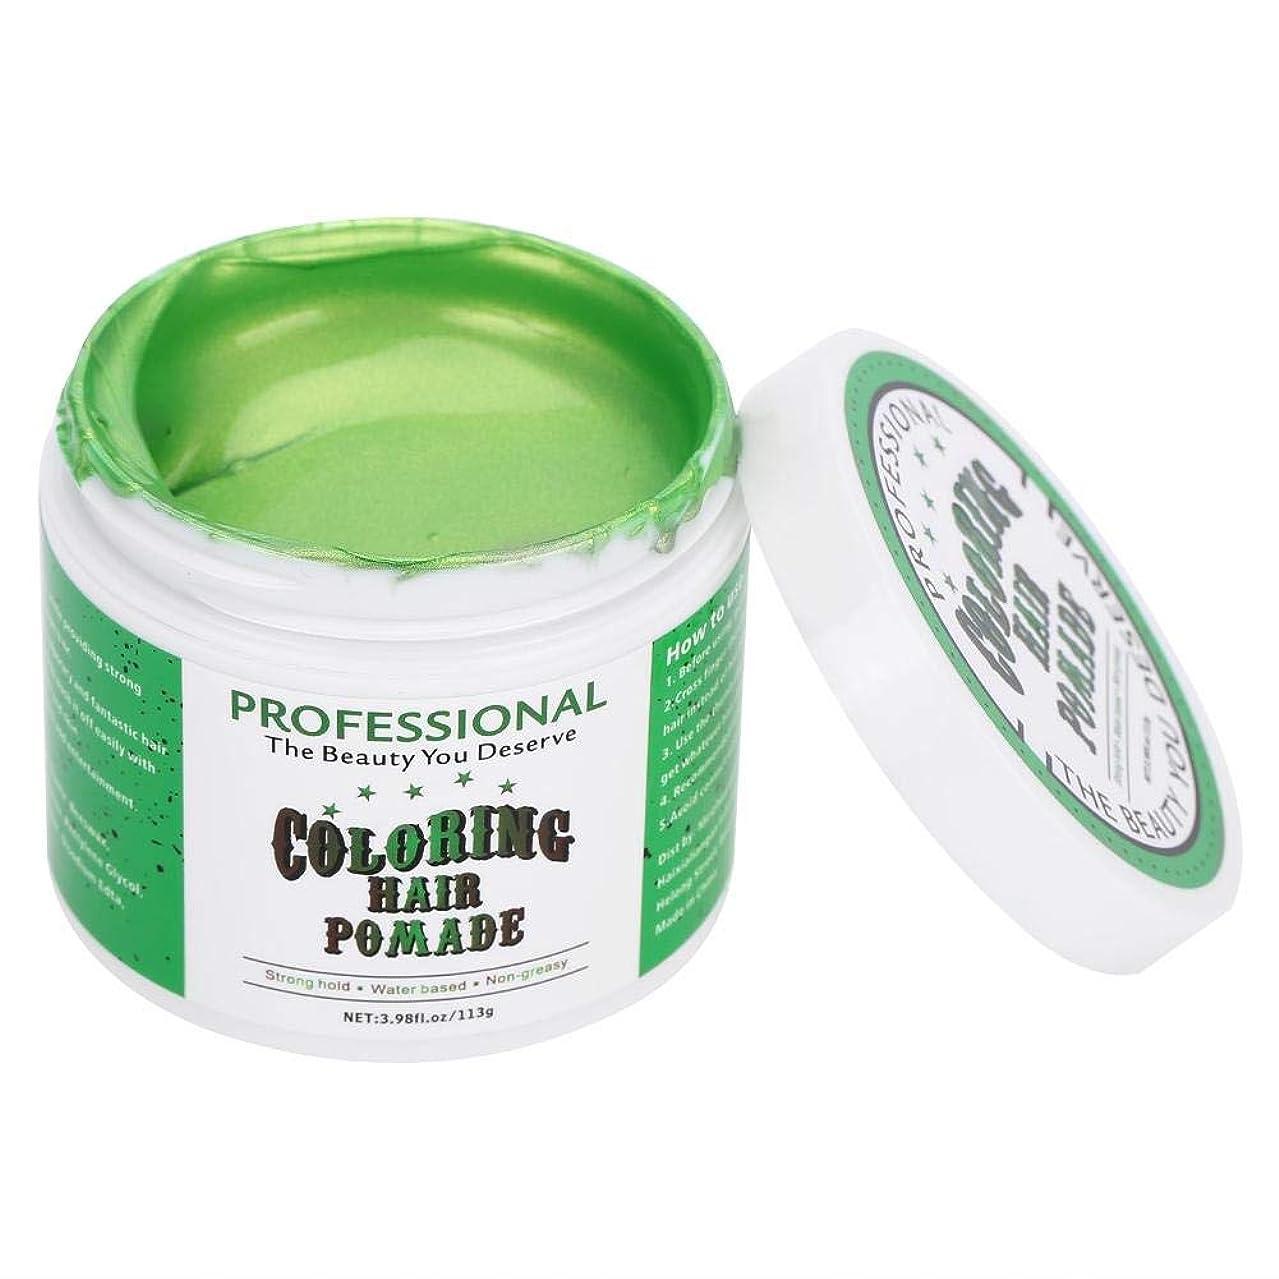 分月曜日比類のない5色113グラム使い捨てカラーヘアポマードワックス、簡単着色スタイリングヘア染料安全で快適な着色ヘアスタイルモデリングワックス用染料ヘアカラー(#5)